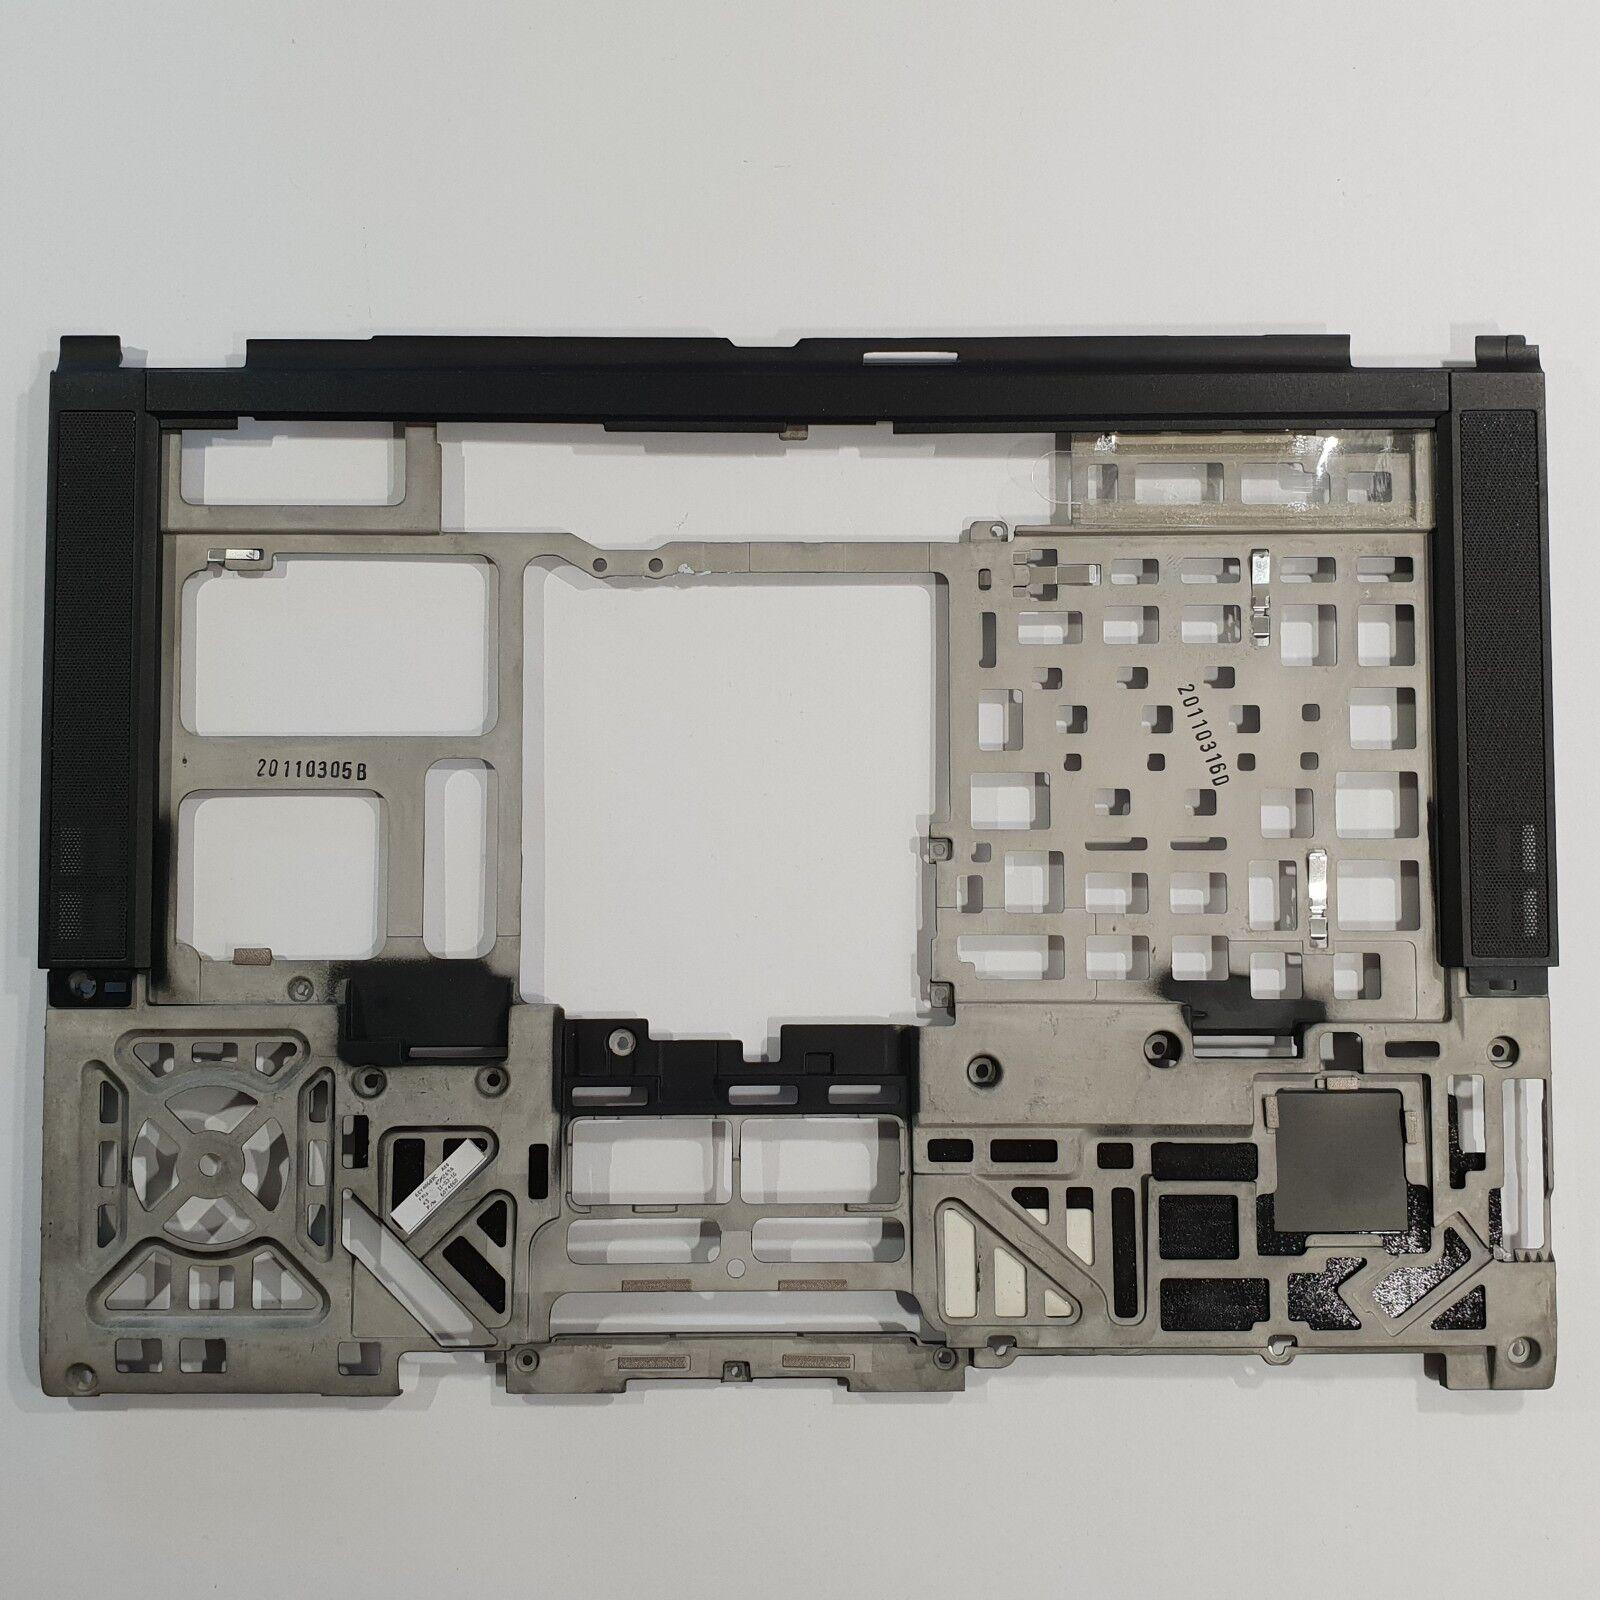 Original Lenovo Thinkpad T410 T420 X220 Tastatur Us Keyboard T400s T510 T520 W510 T410s Rahmen Bezel Magnesium Frame 45m2656